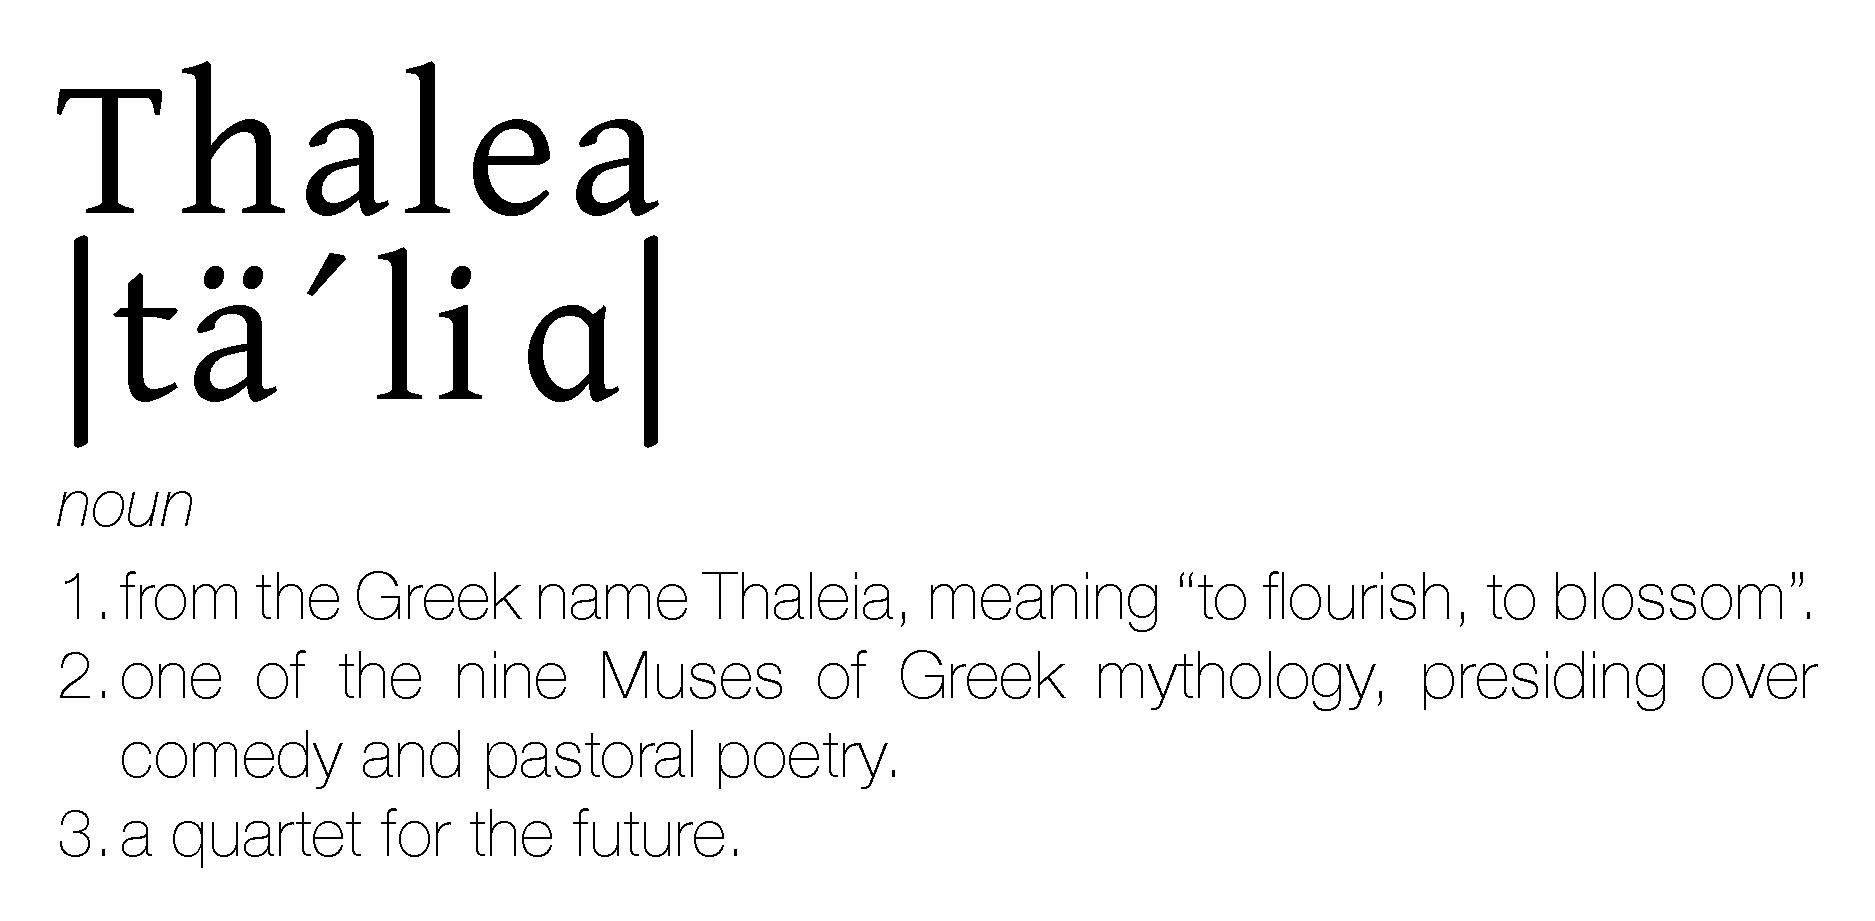 Thalea phonetic e.jpg